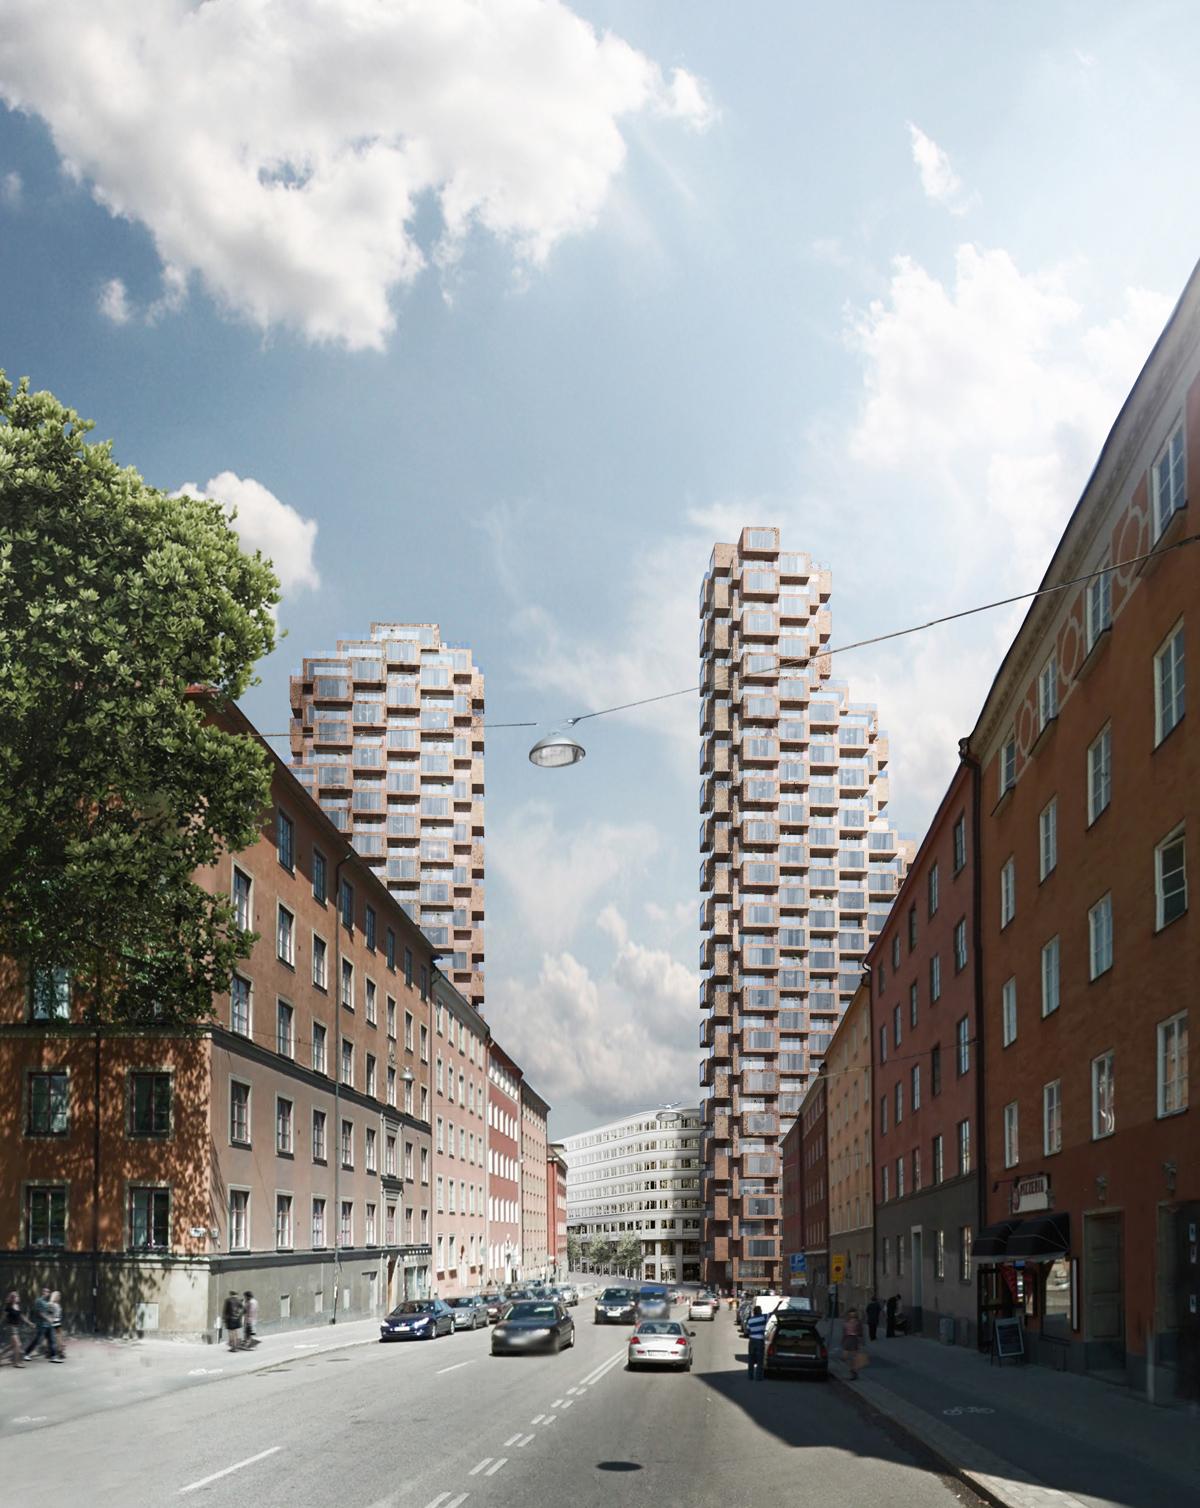 Nya tors torn presenterade yimby stockholm - Att architekten ...